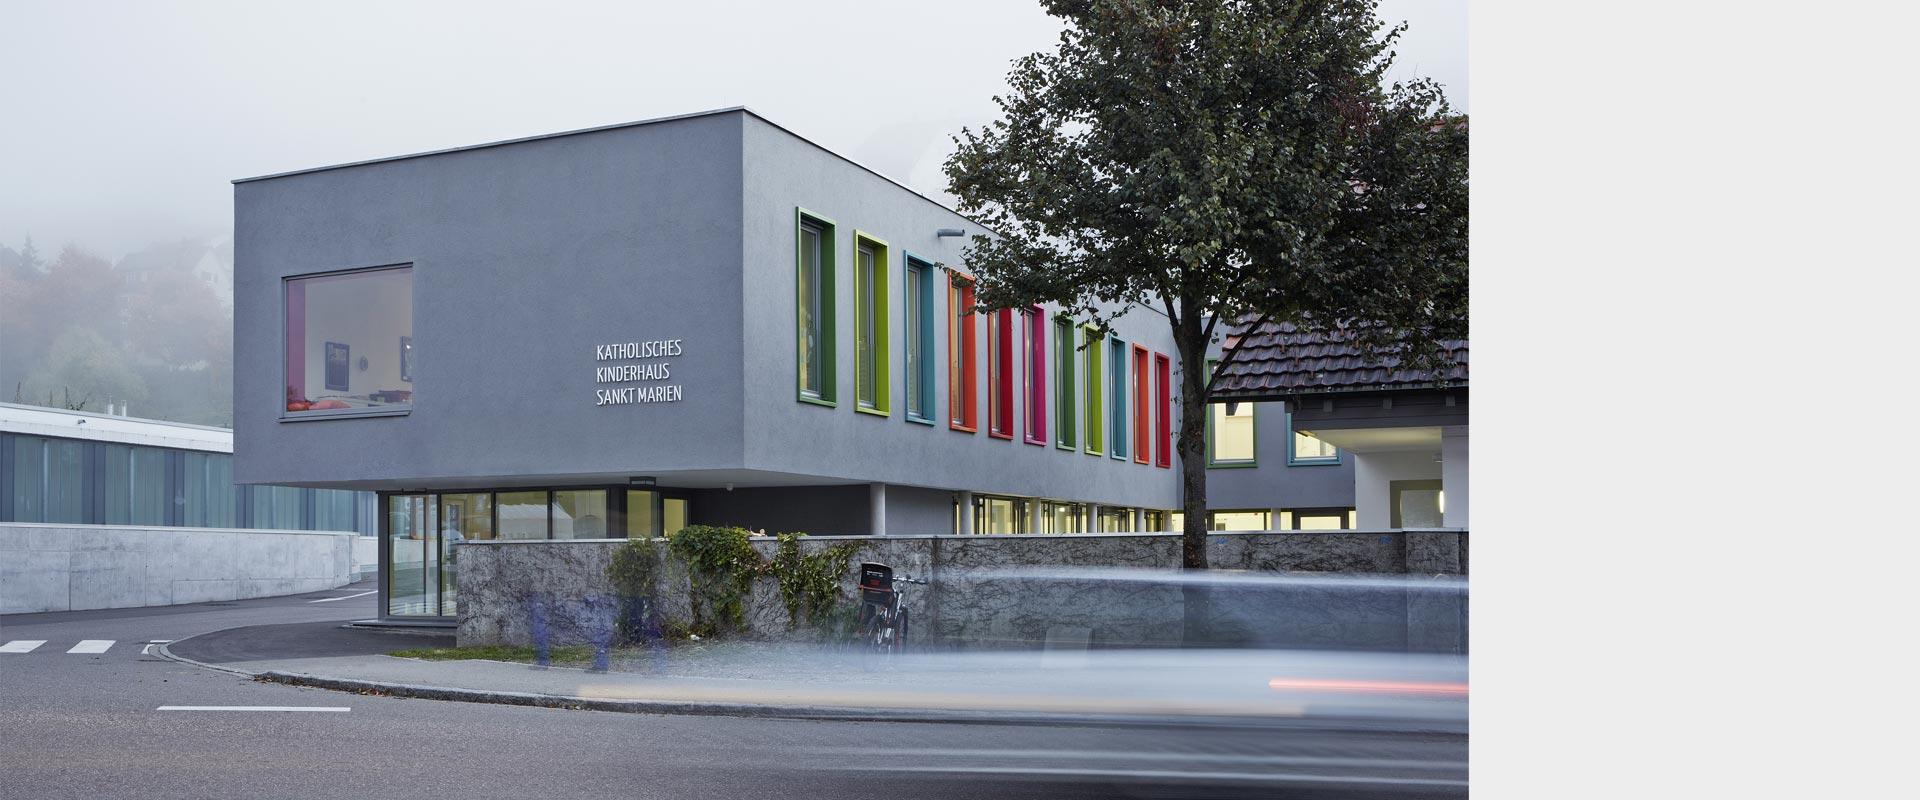 architekturbuero_henning_musahl_kindergarten01